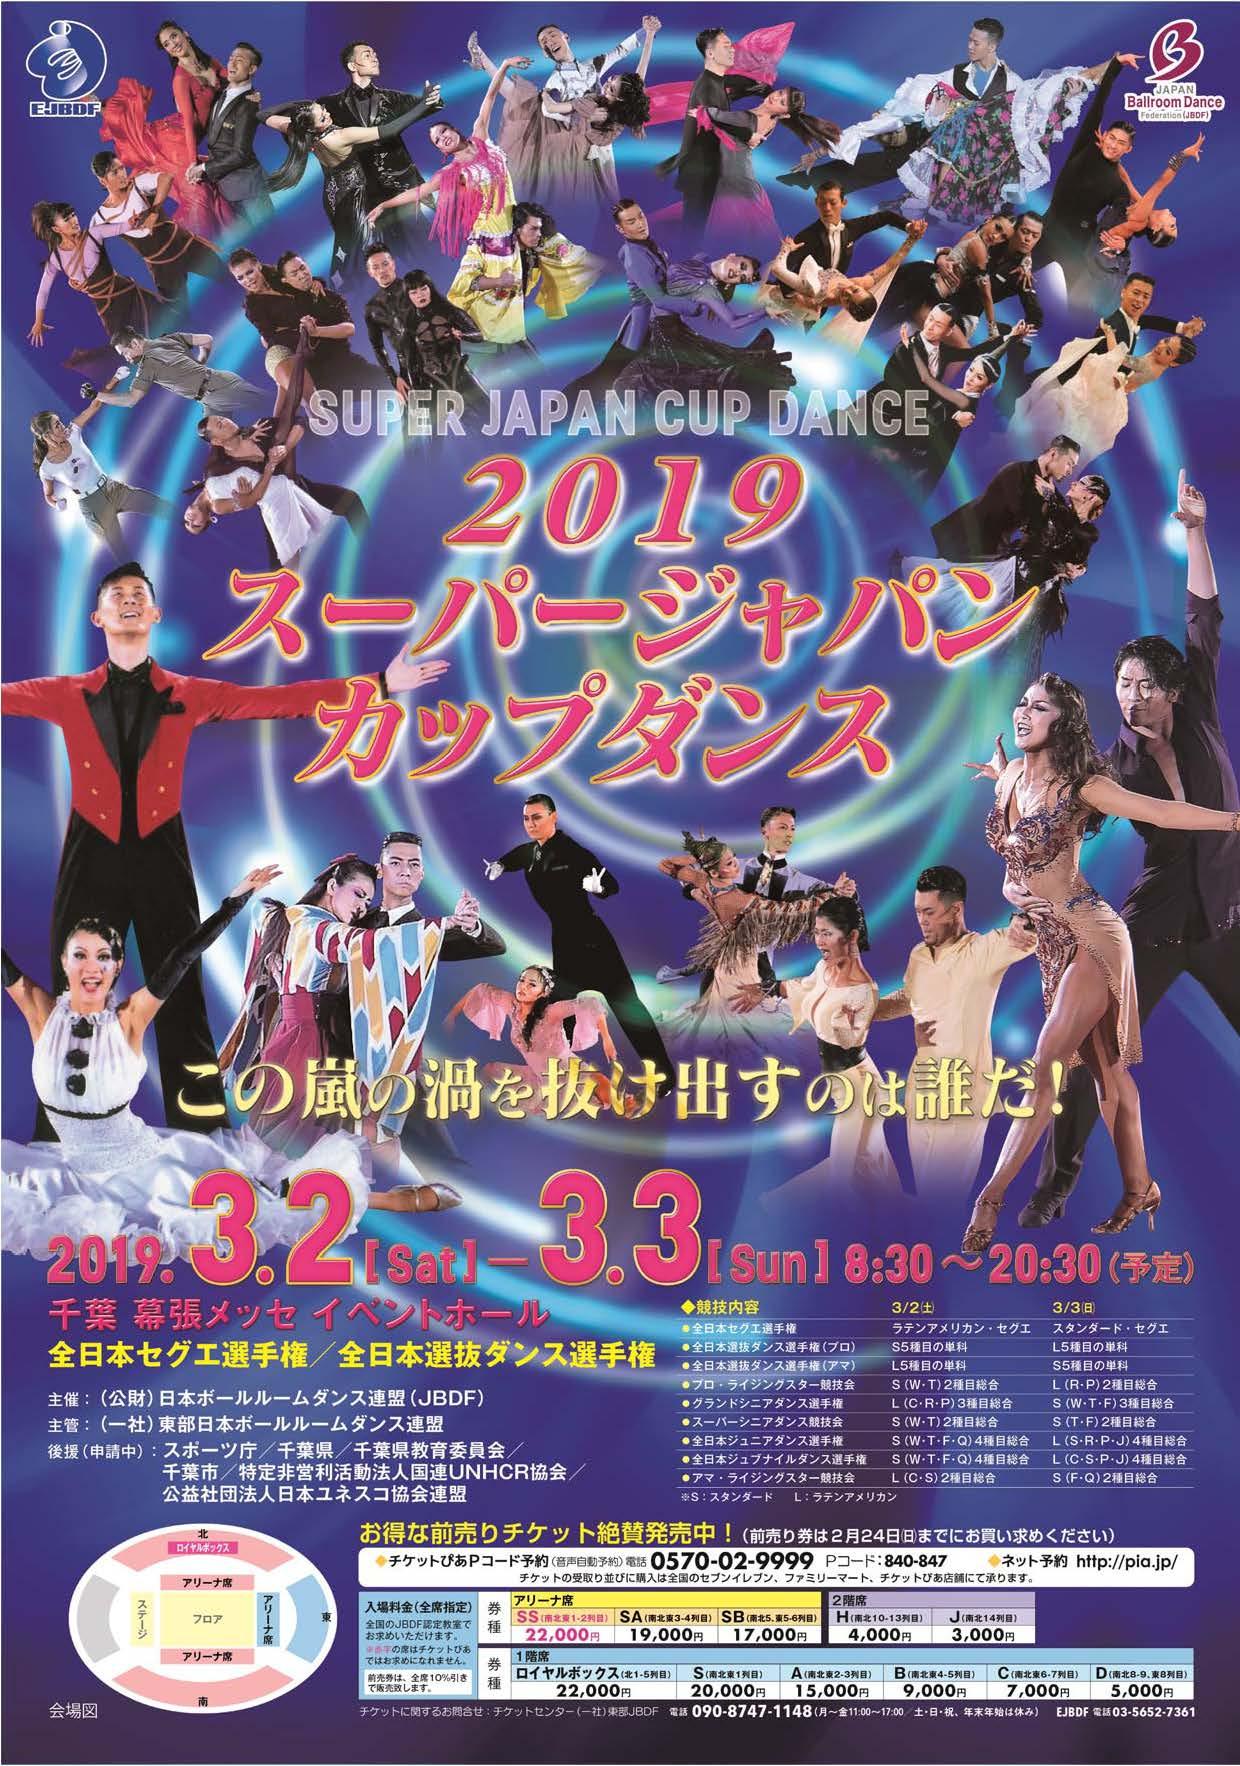 2019年|スーパージャパンカップ|幕張メッセ|JBDF|結果